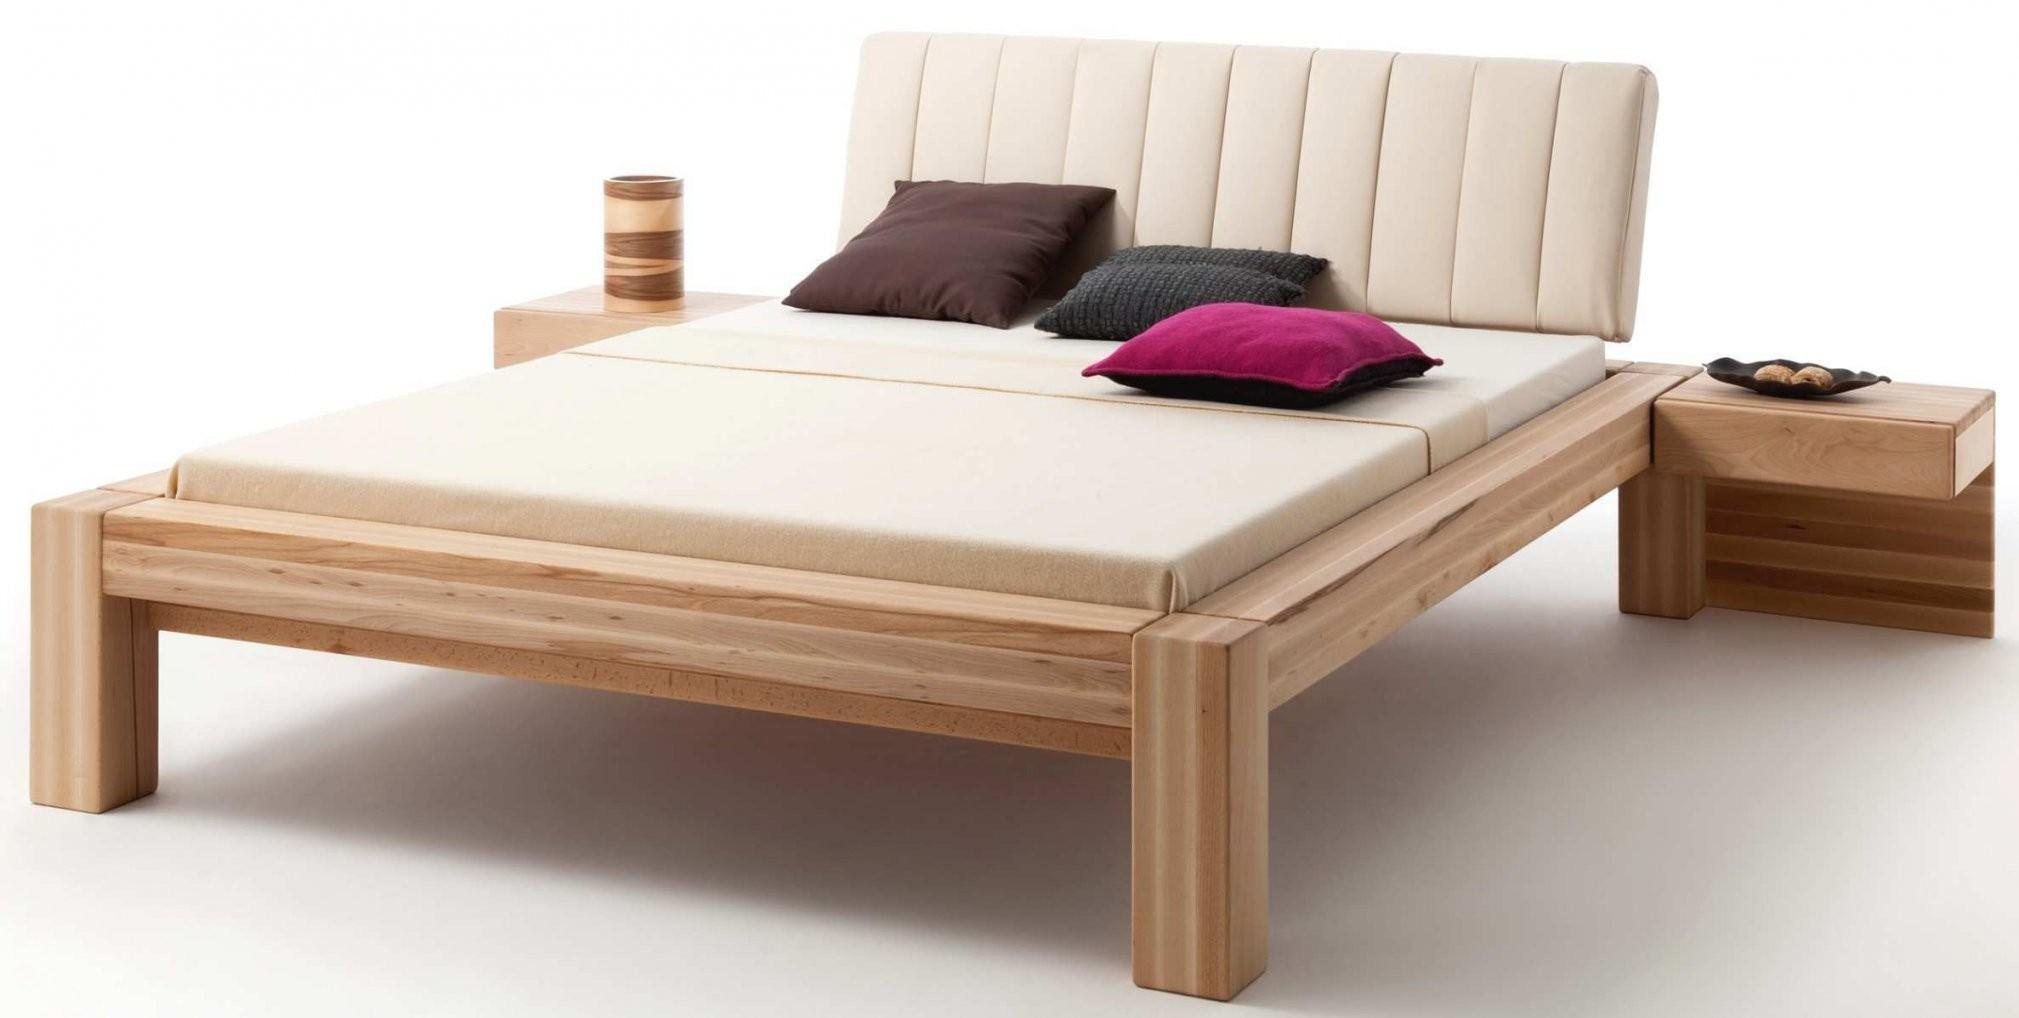 Bett 120×200 Poco Aufregend Herrlich Betten 120—200 Bettgestell von Poco Bett 180X200 Photo